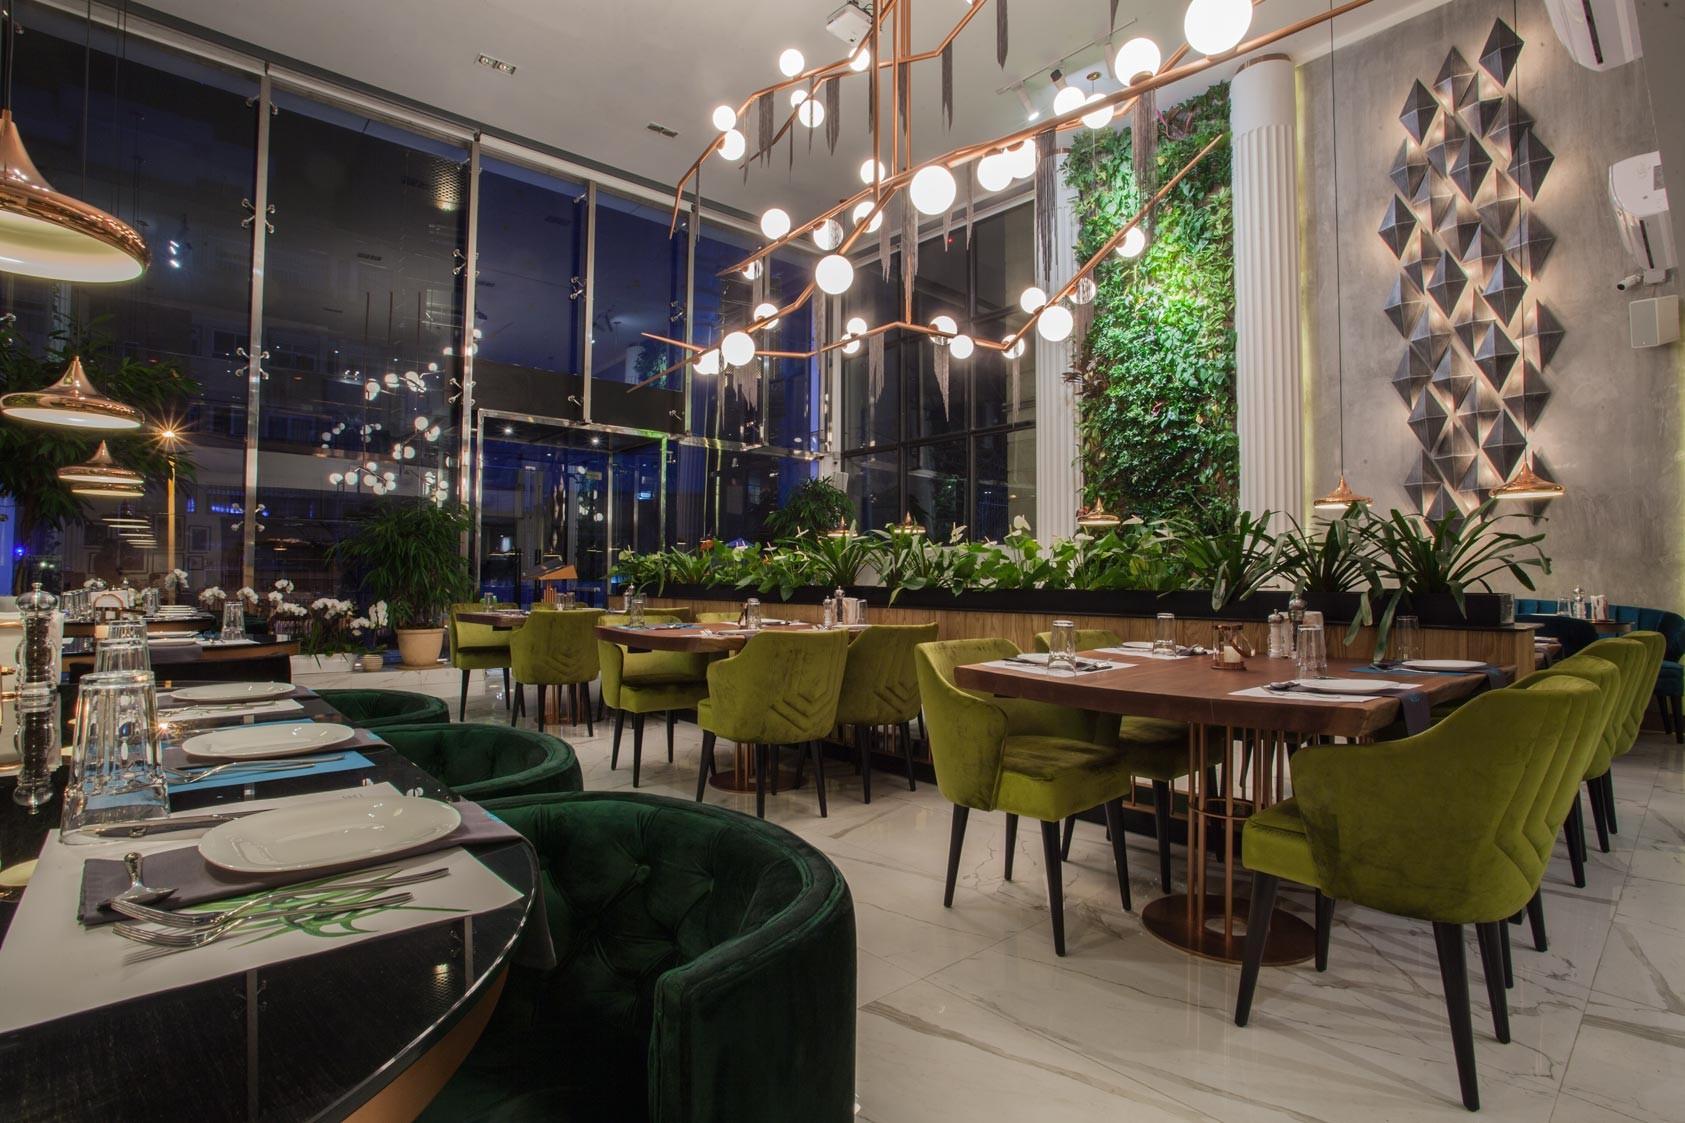 تعطیلی یکچهارم رستورانهای تهران به دلیل گرانی گوشت